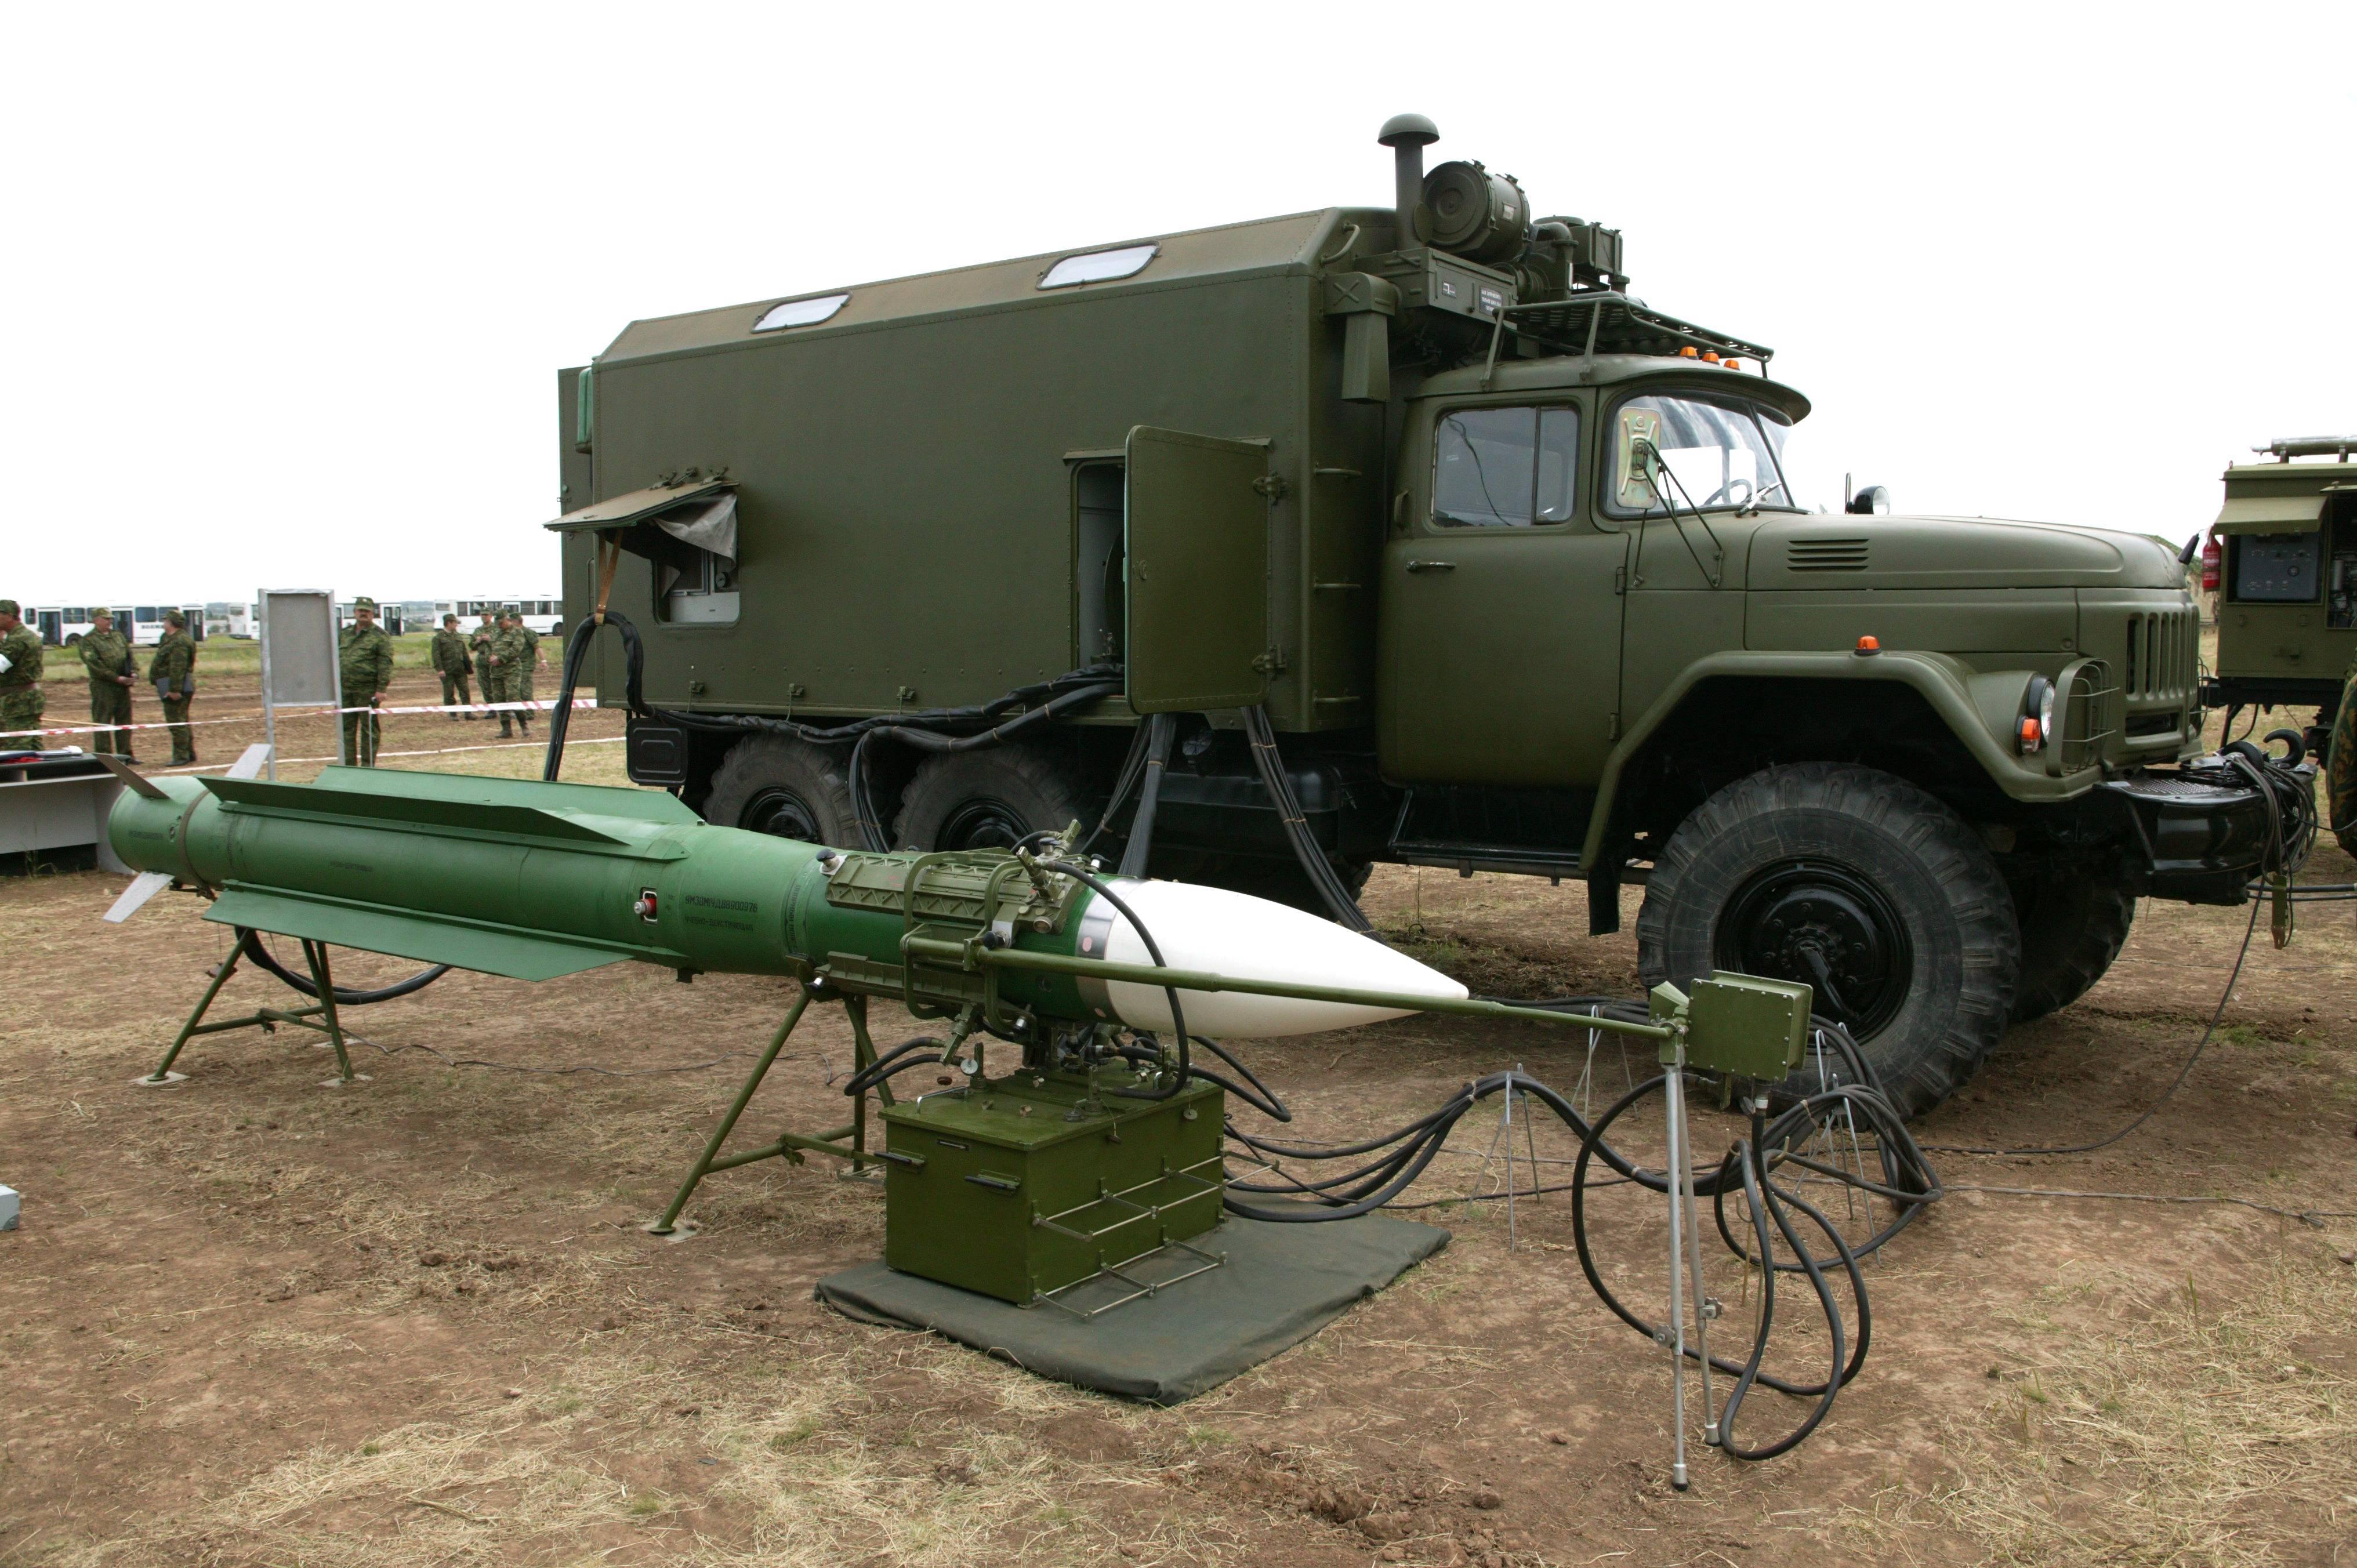 """Зенитный ракетный комплекс """"бук"""". зрк «бук» – надежный зенитный щит армейских колонн ракетный комплекс бук характеристики"""